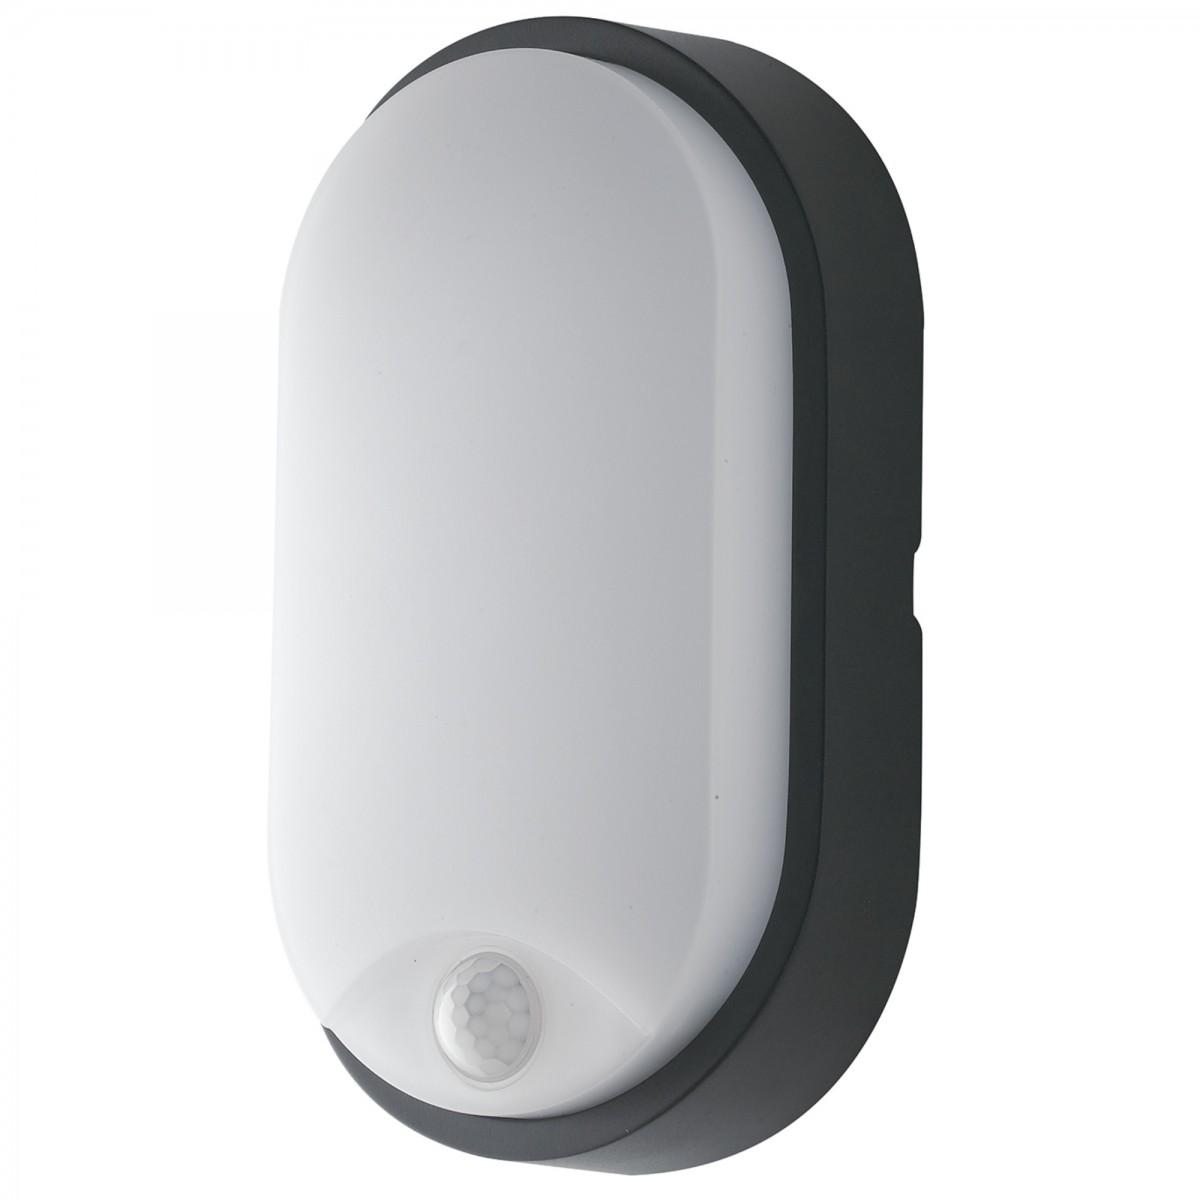 Plafonnier LED noir A + 4000kelvin 14